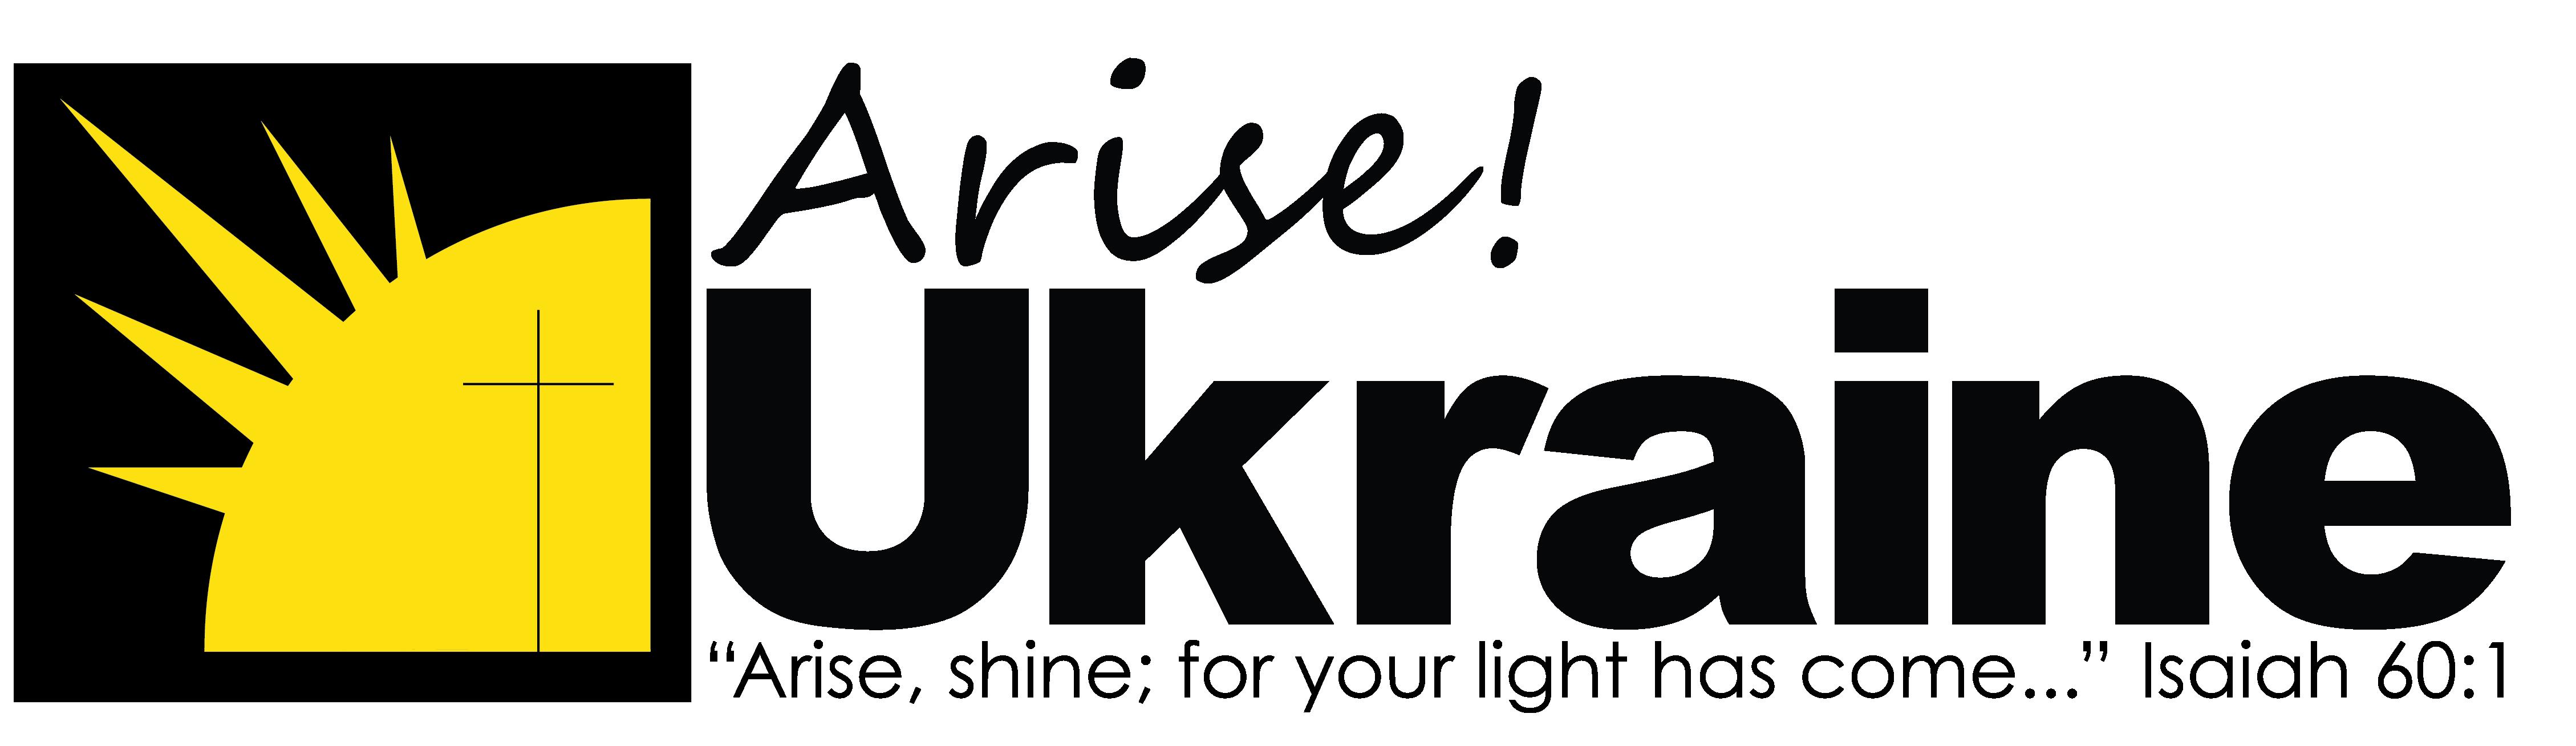 Arise! Ukraine